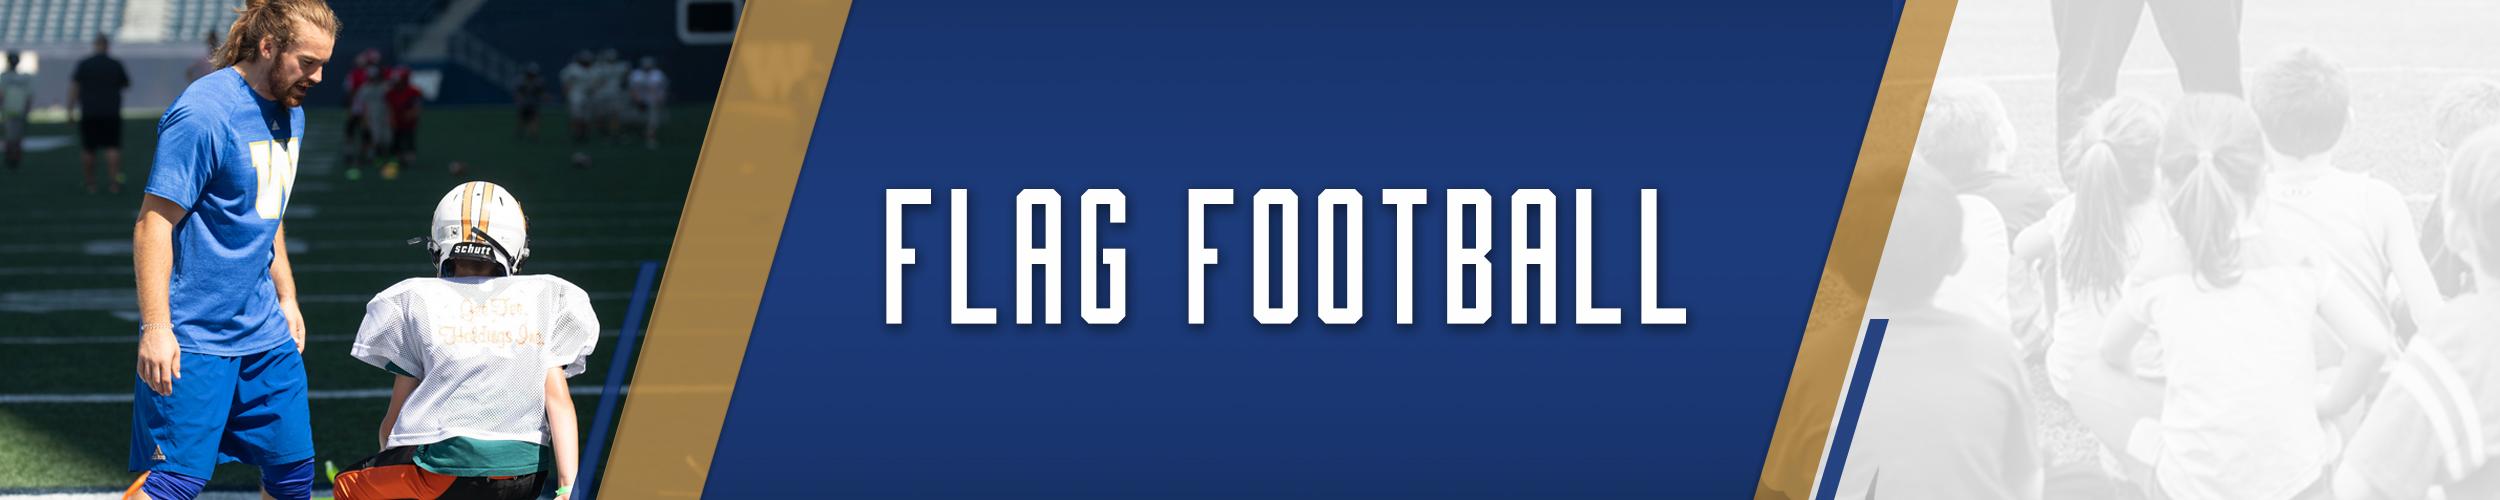 Winnipeg Blue Bombers Flag Football